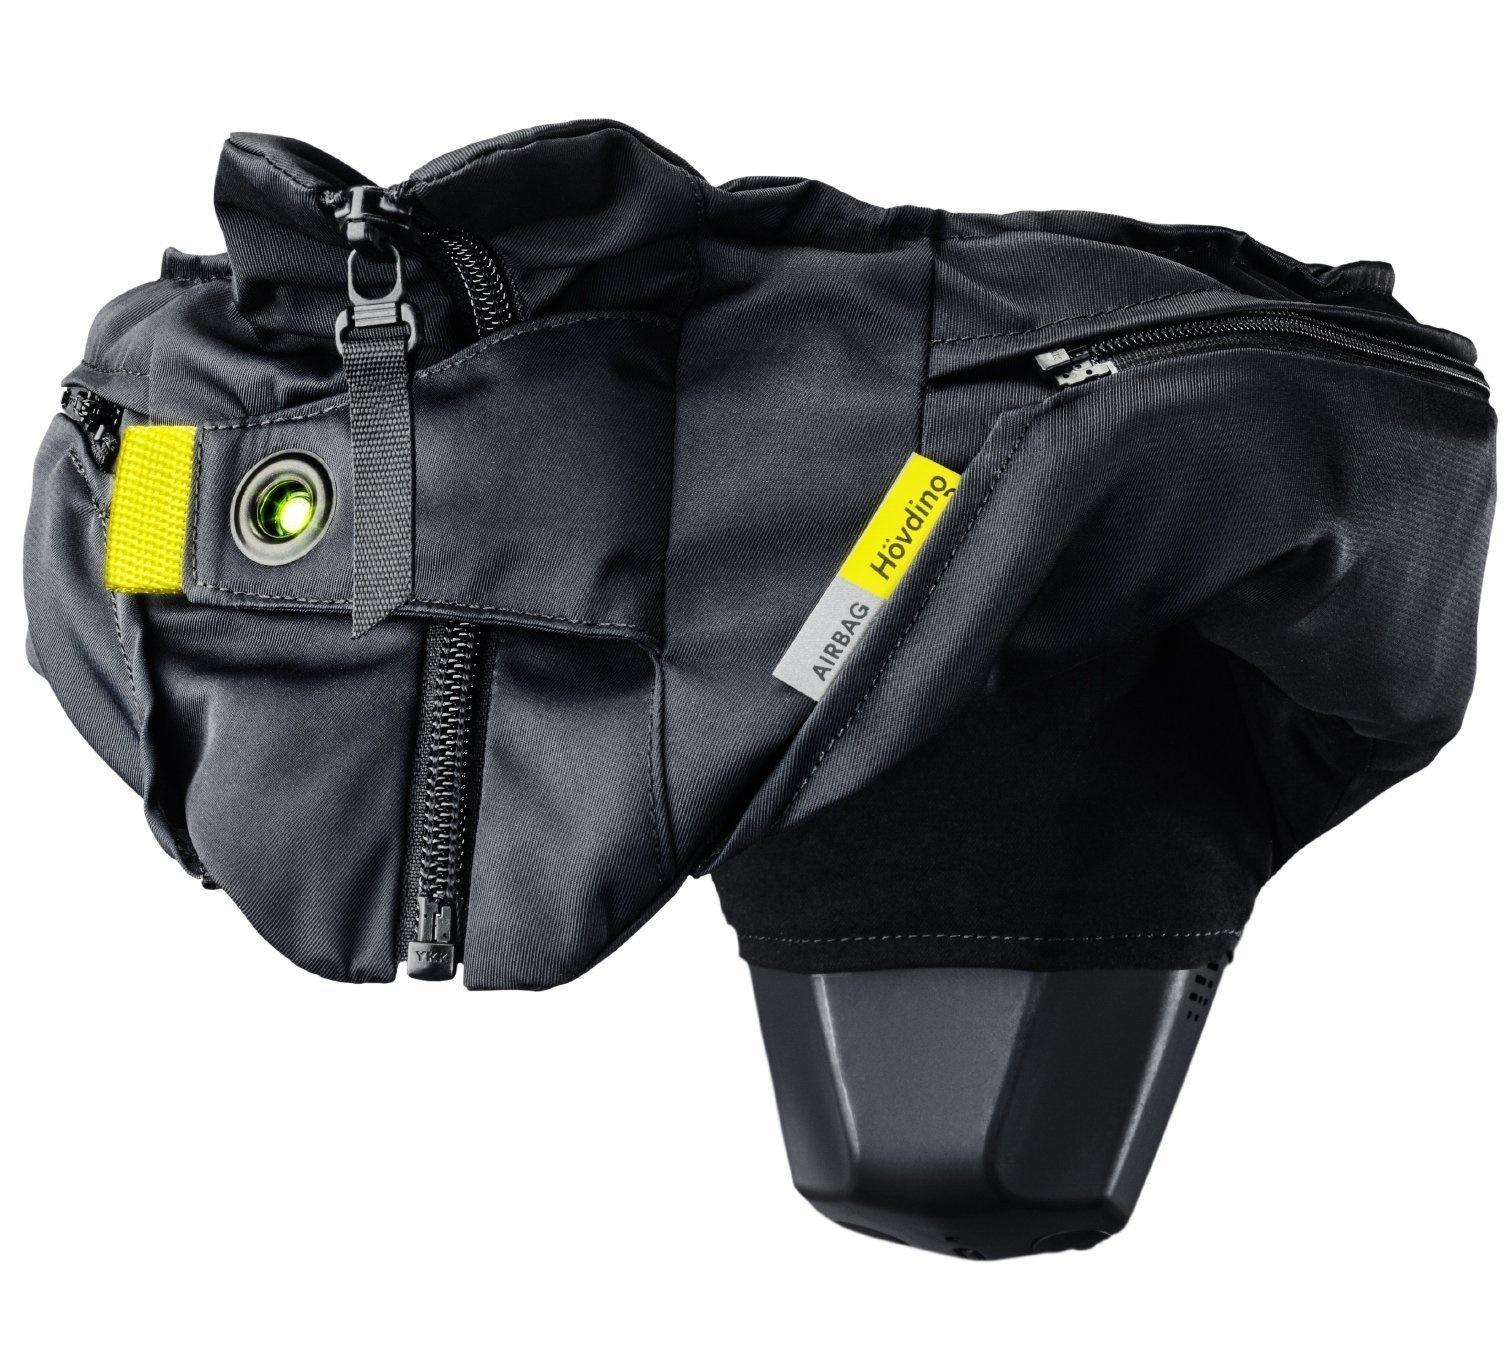 Hövding 3.0 Airbag